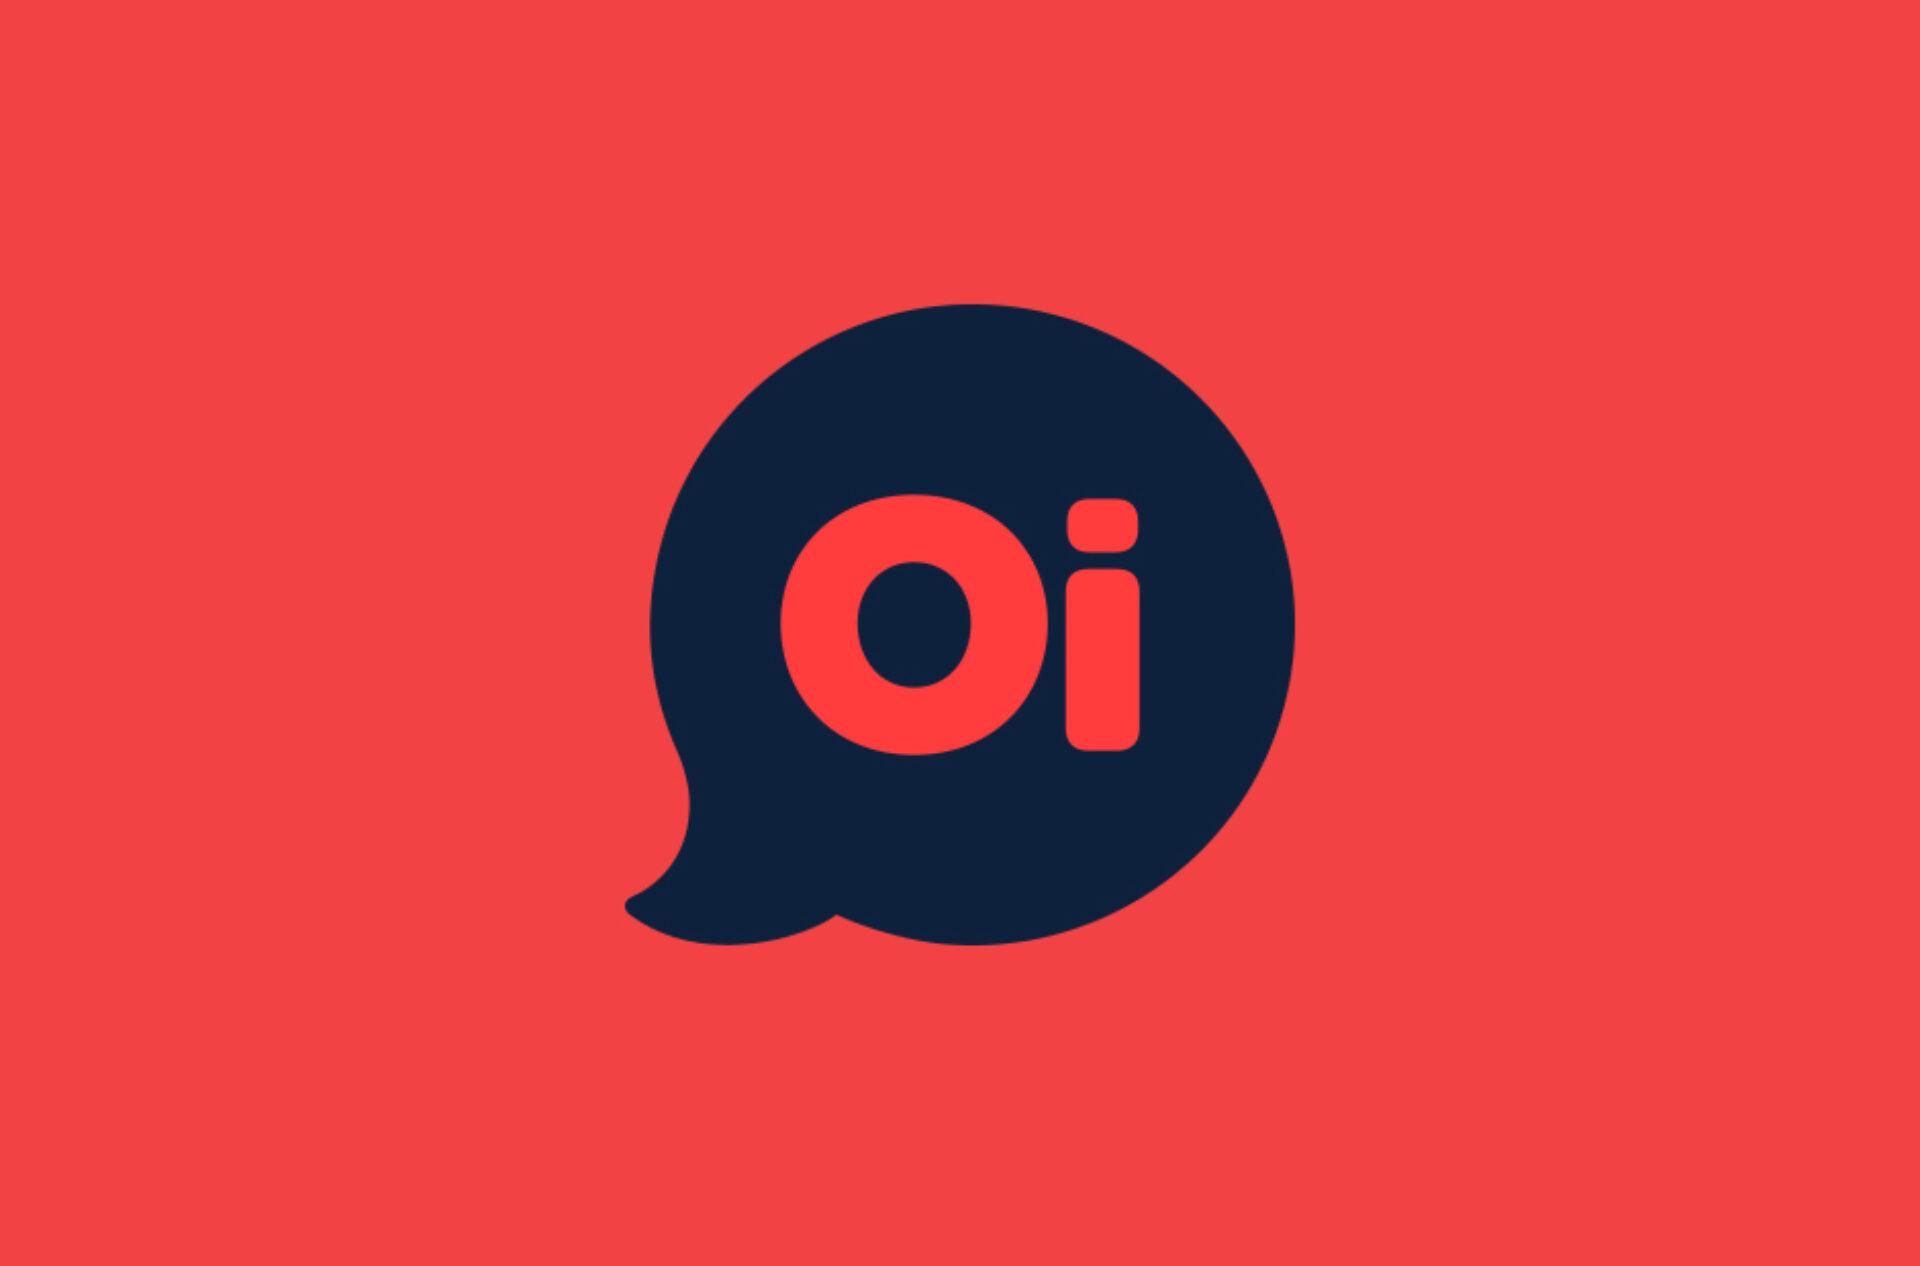 Oi app image 01